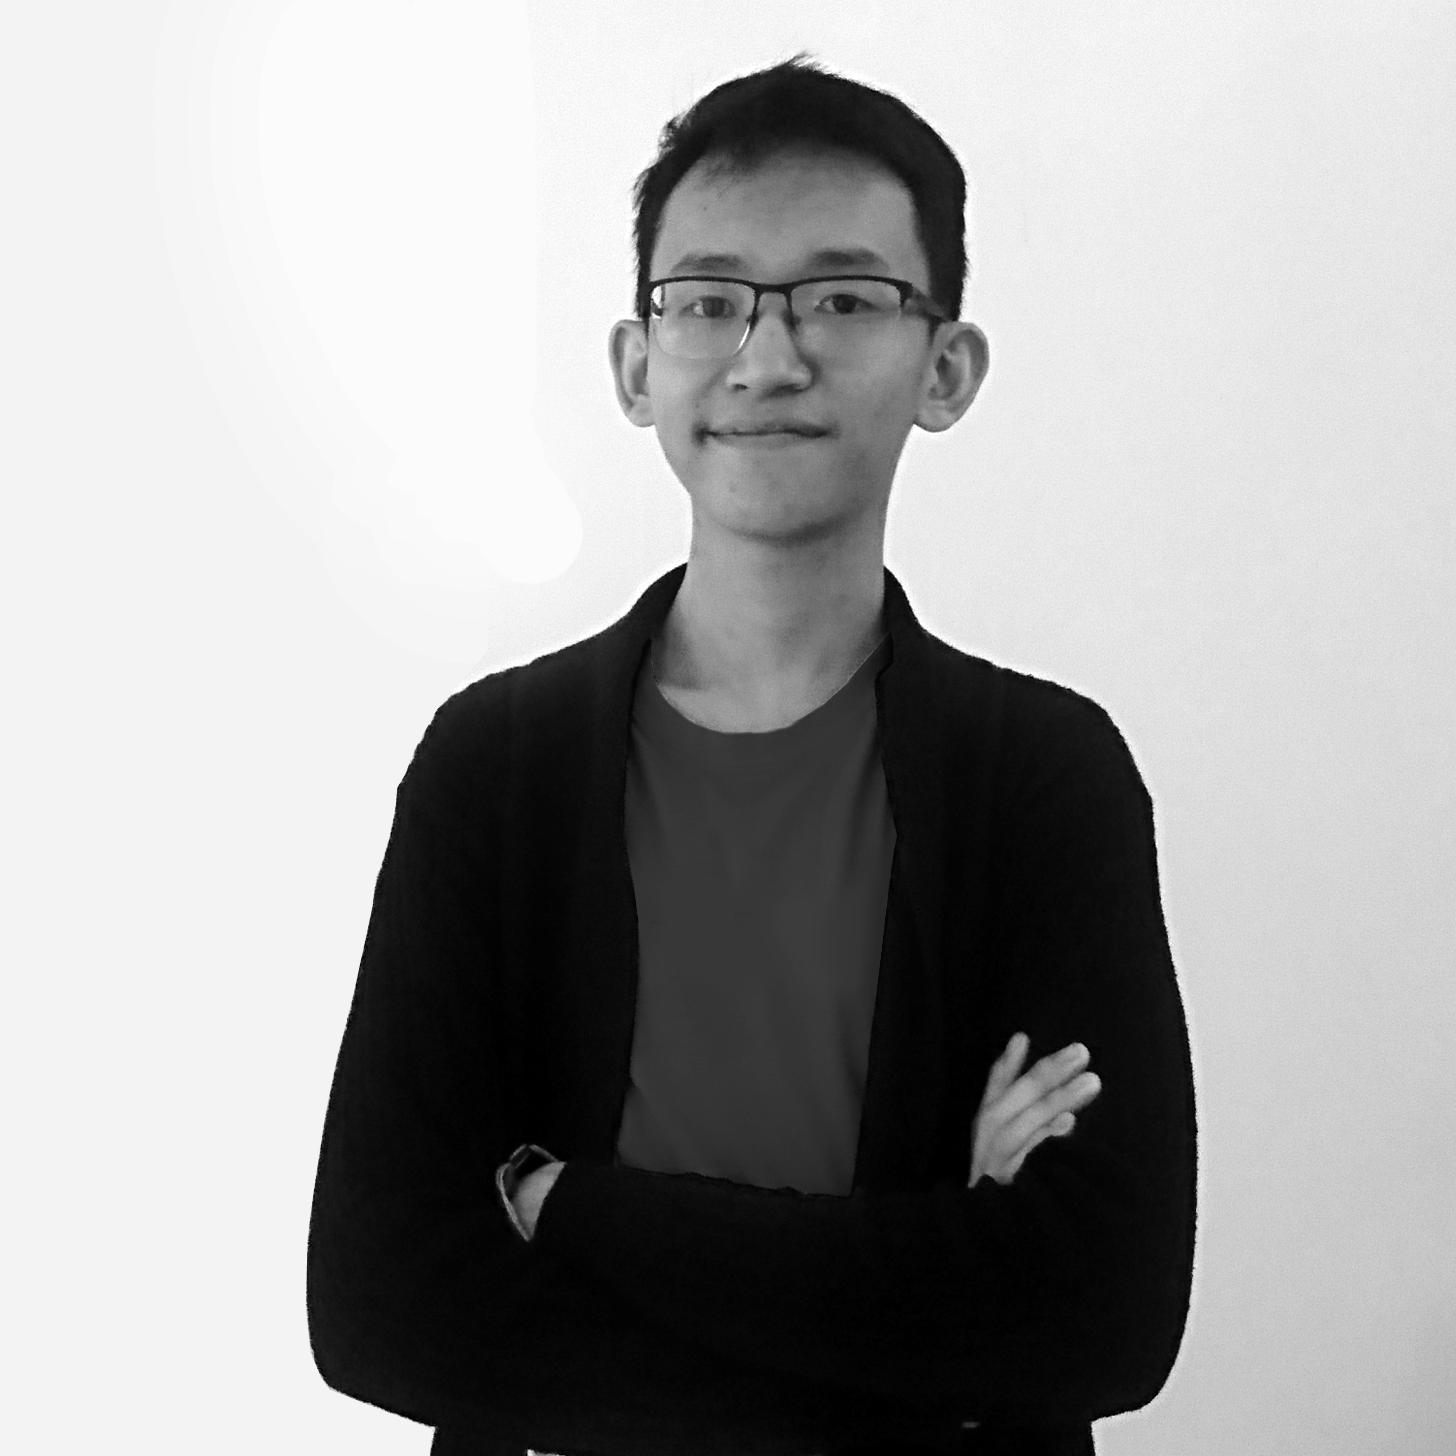 Photo of Jacky Wijaya